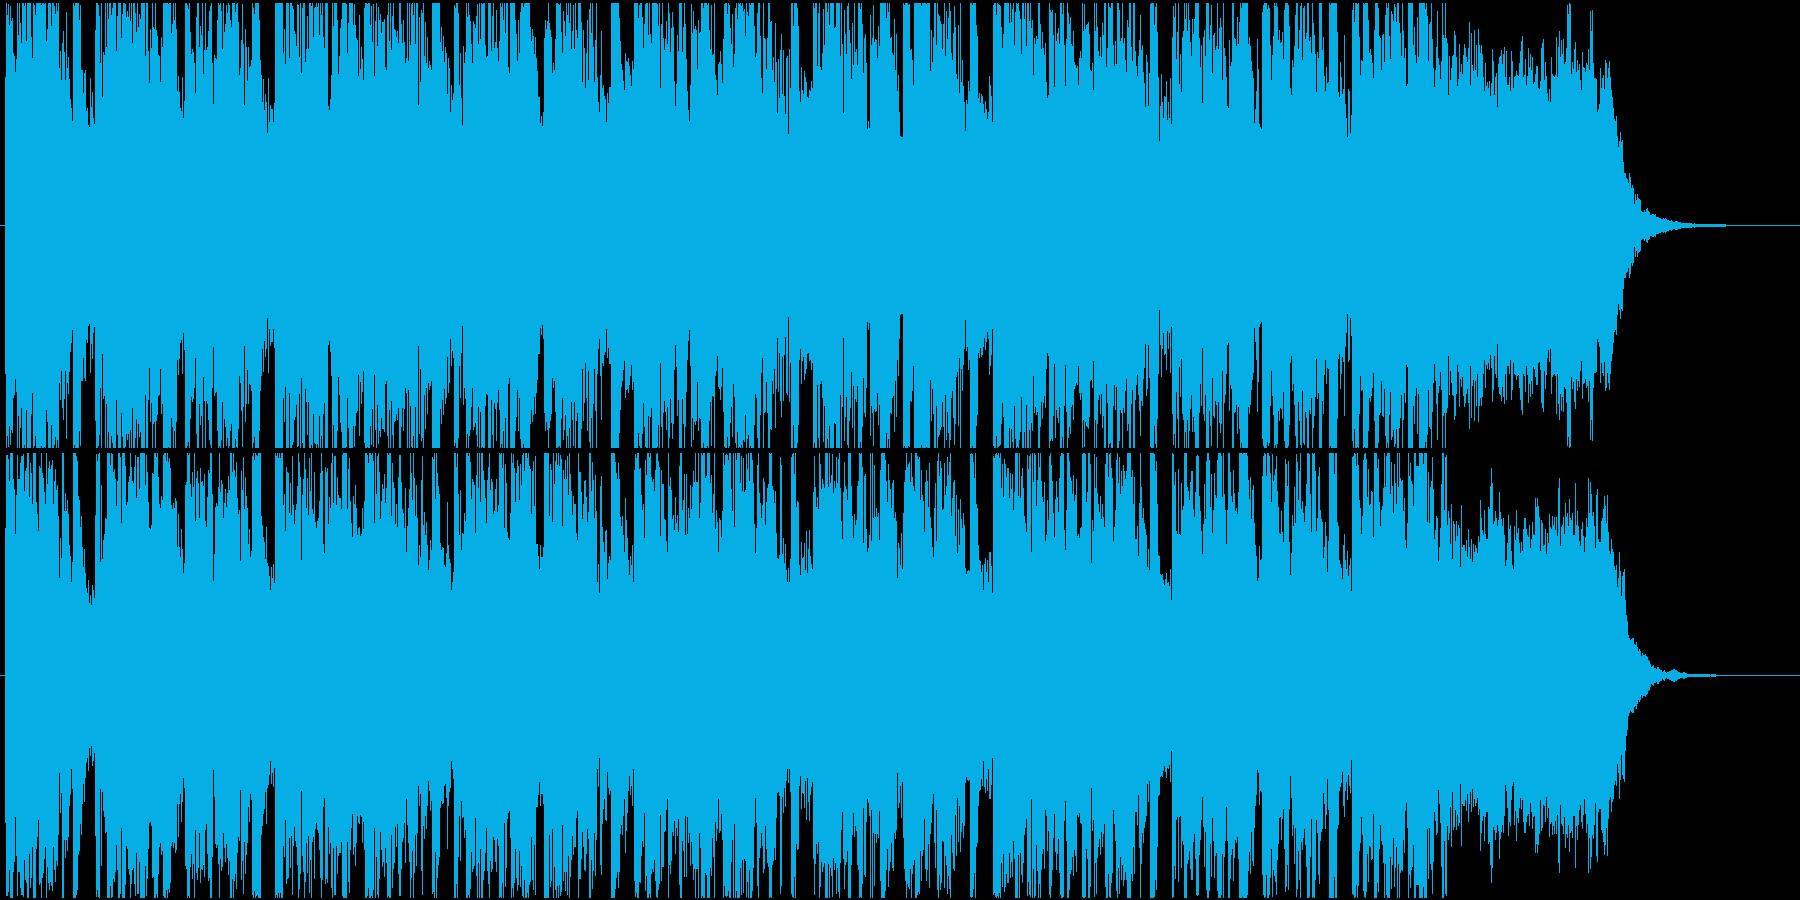 宇宙感、浮遊感のあるエレクトロニカの再生済みの波形